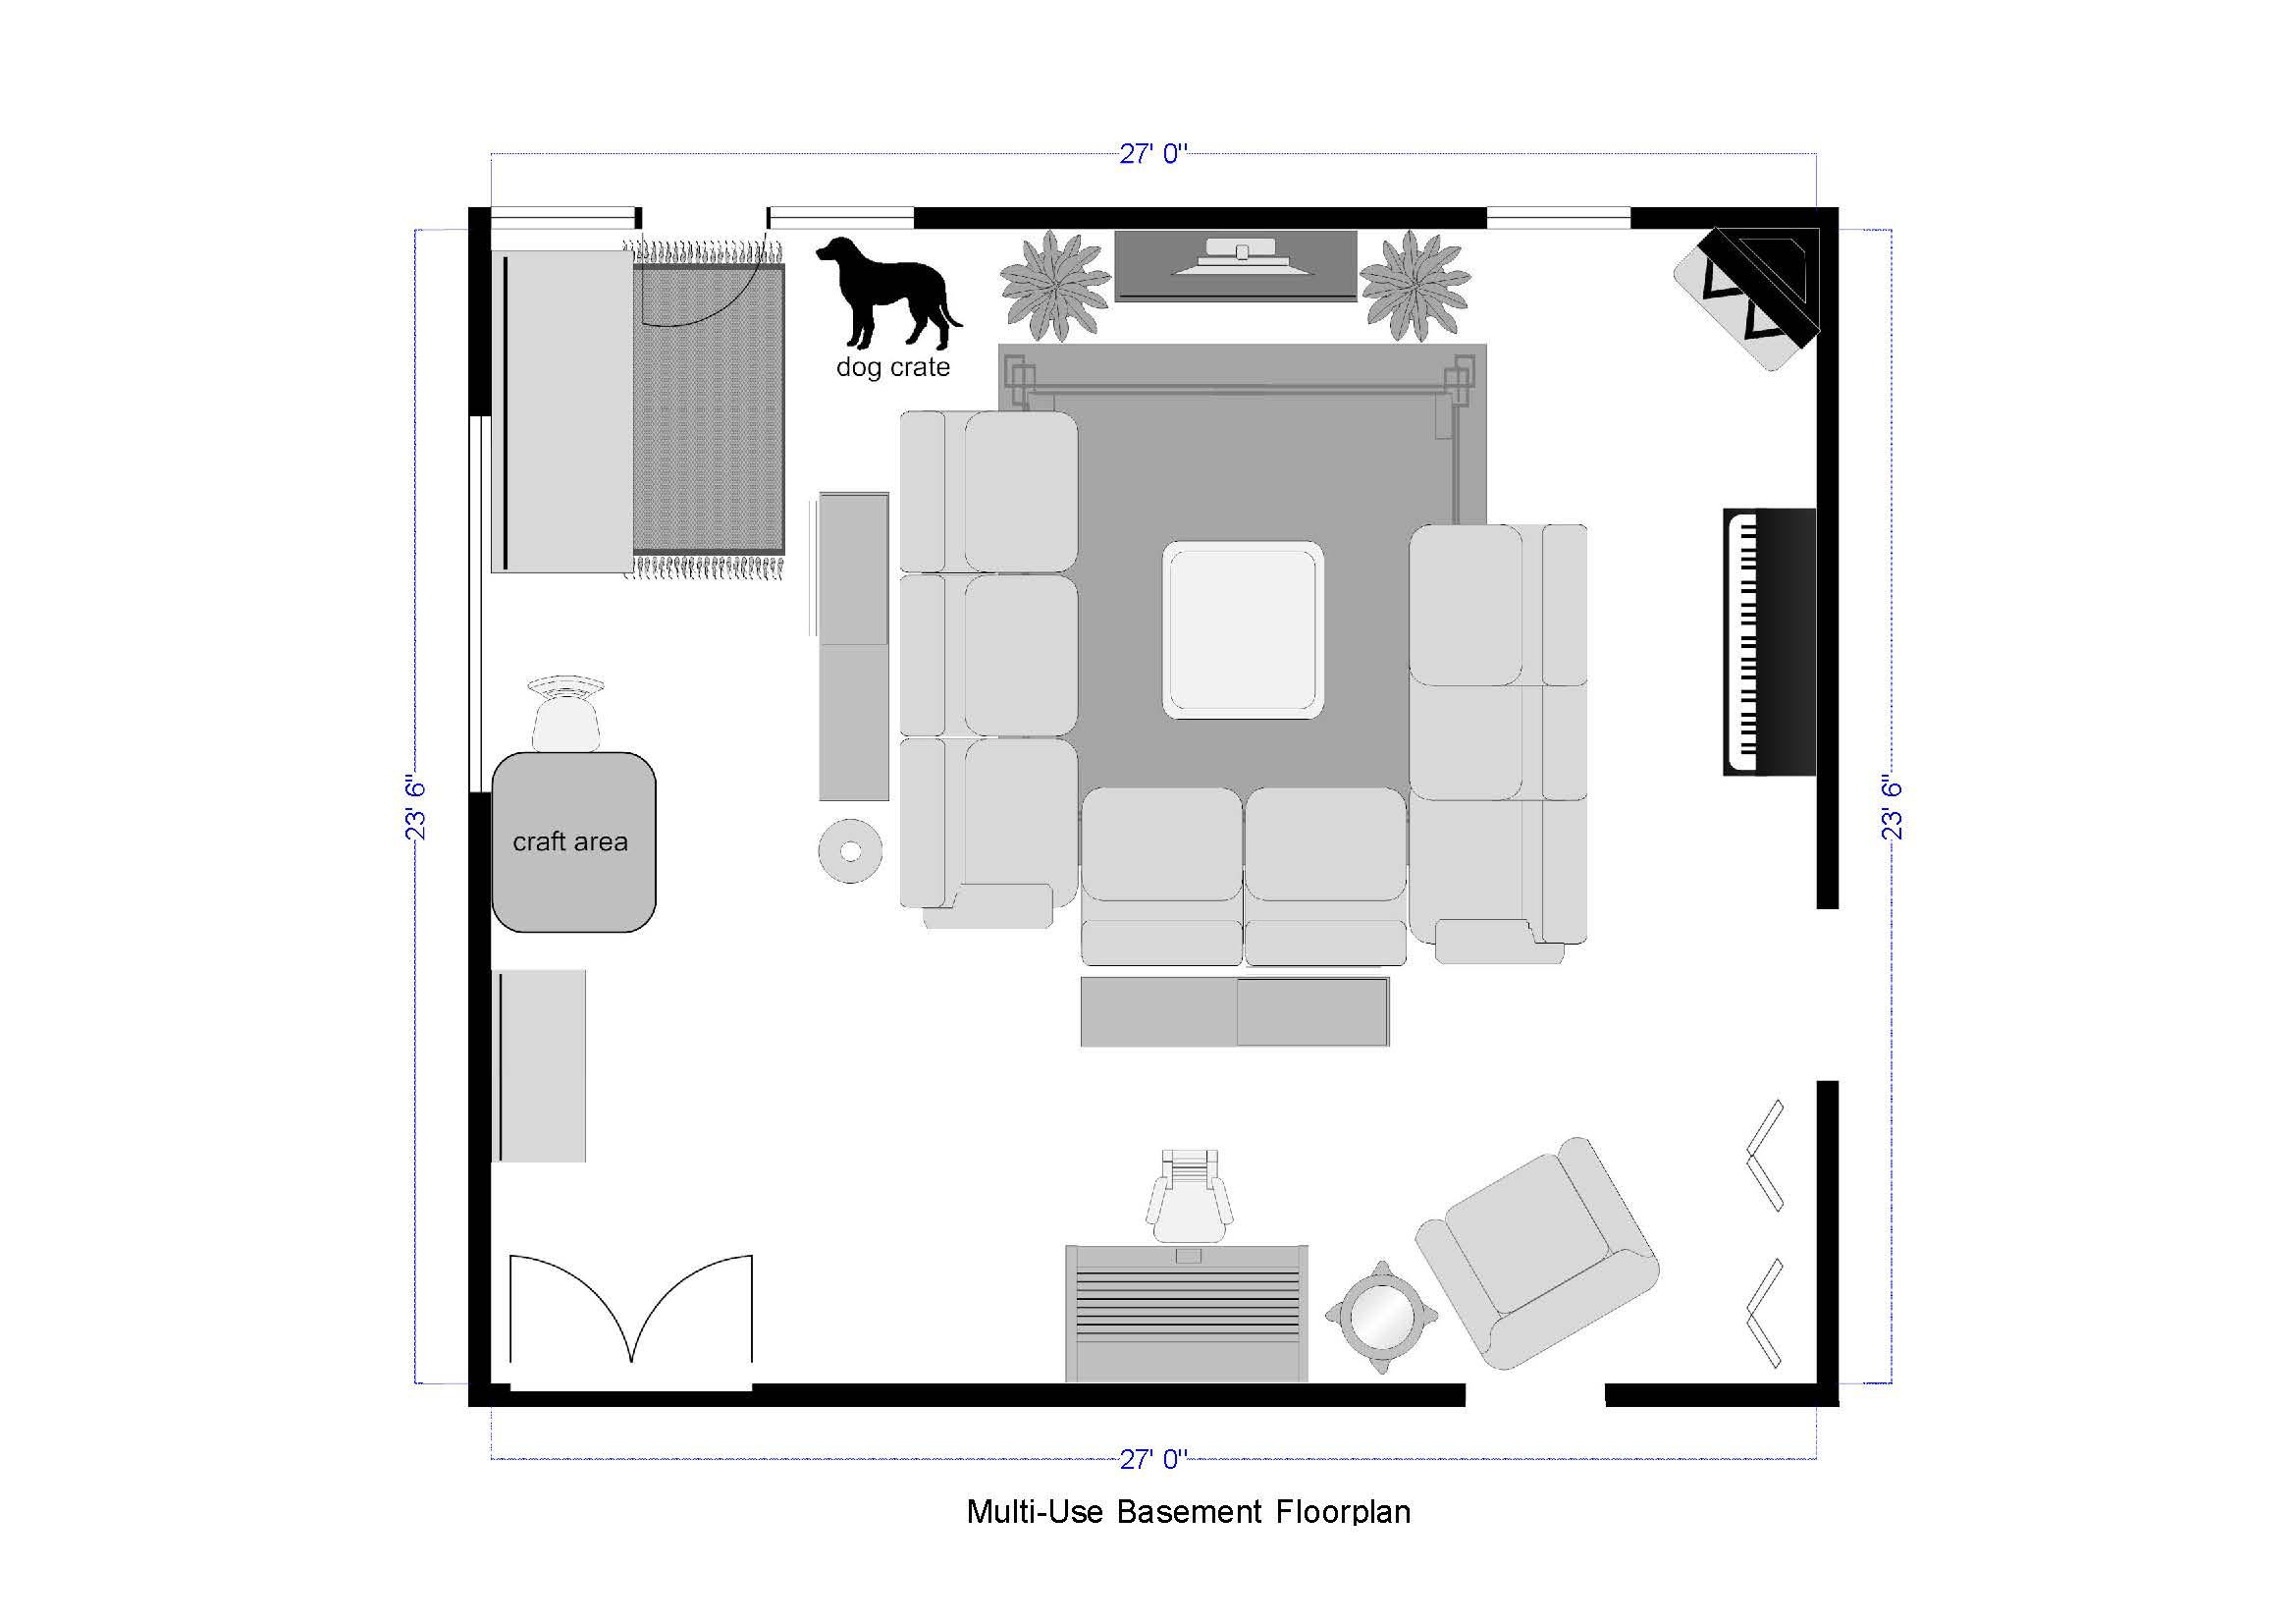 multi-use basement floorplan